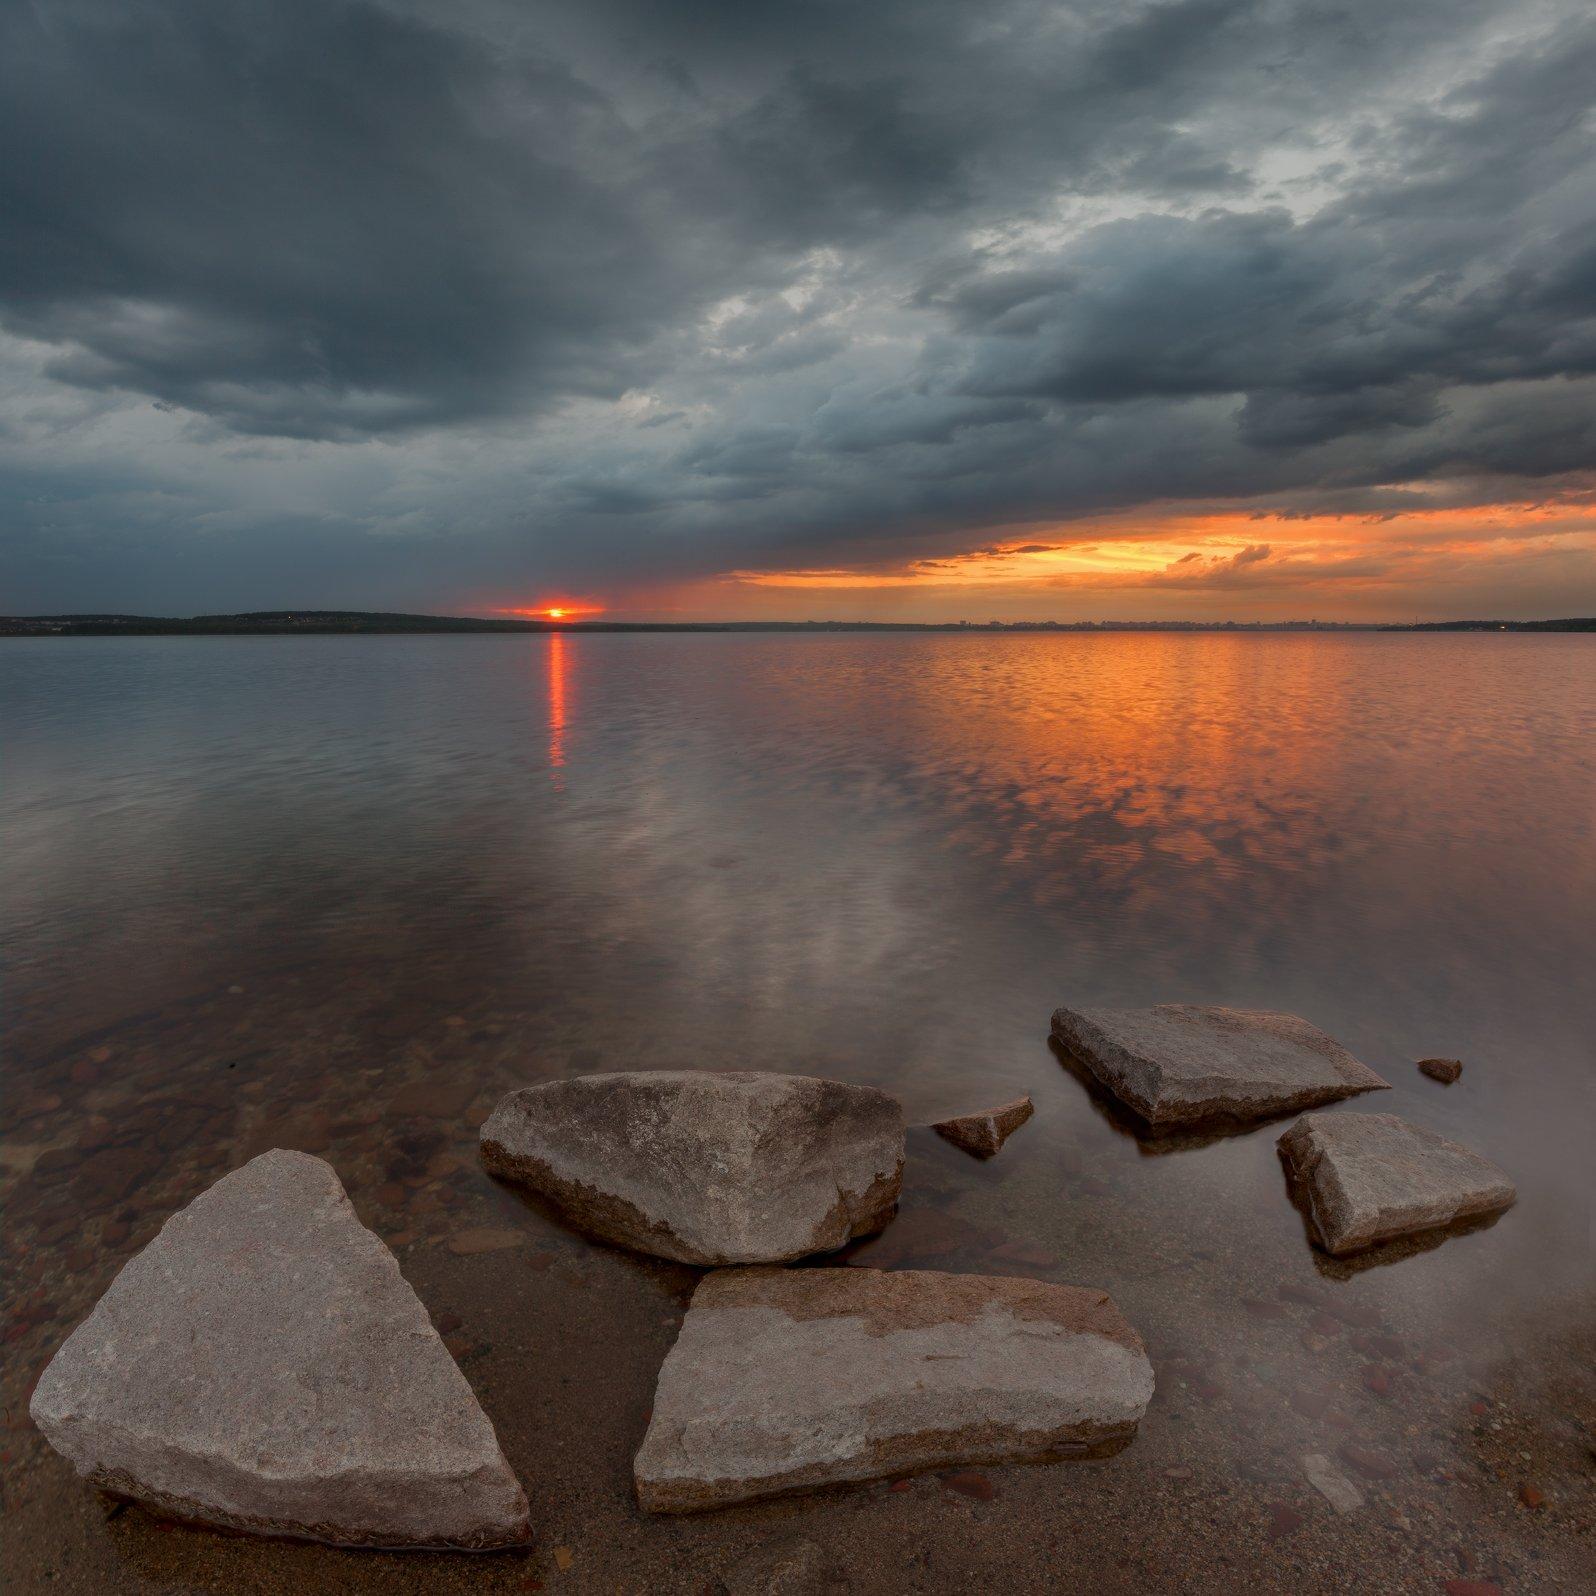 челябинск, закат, шершни, камни, облака, t_berg, Михаил Трахтенберг ( t_berg )